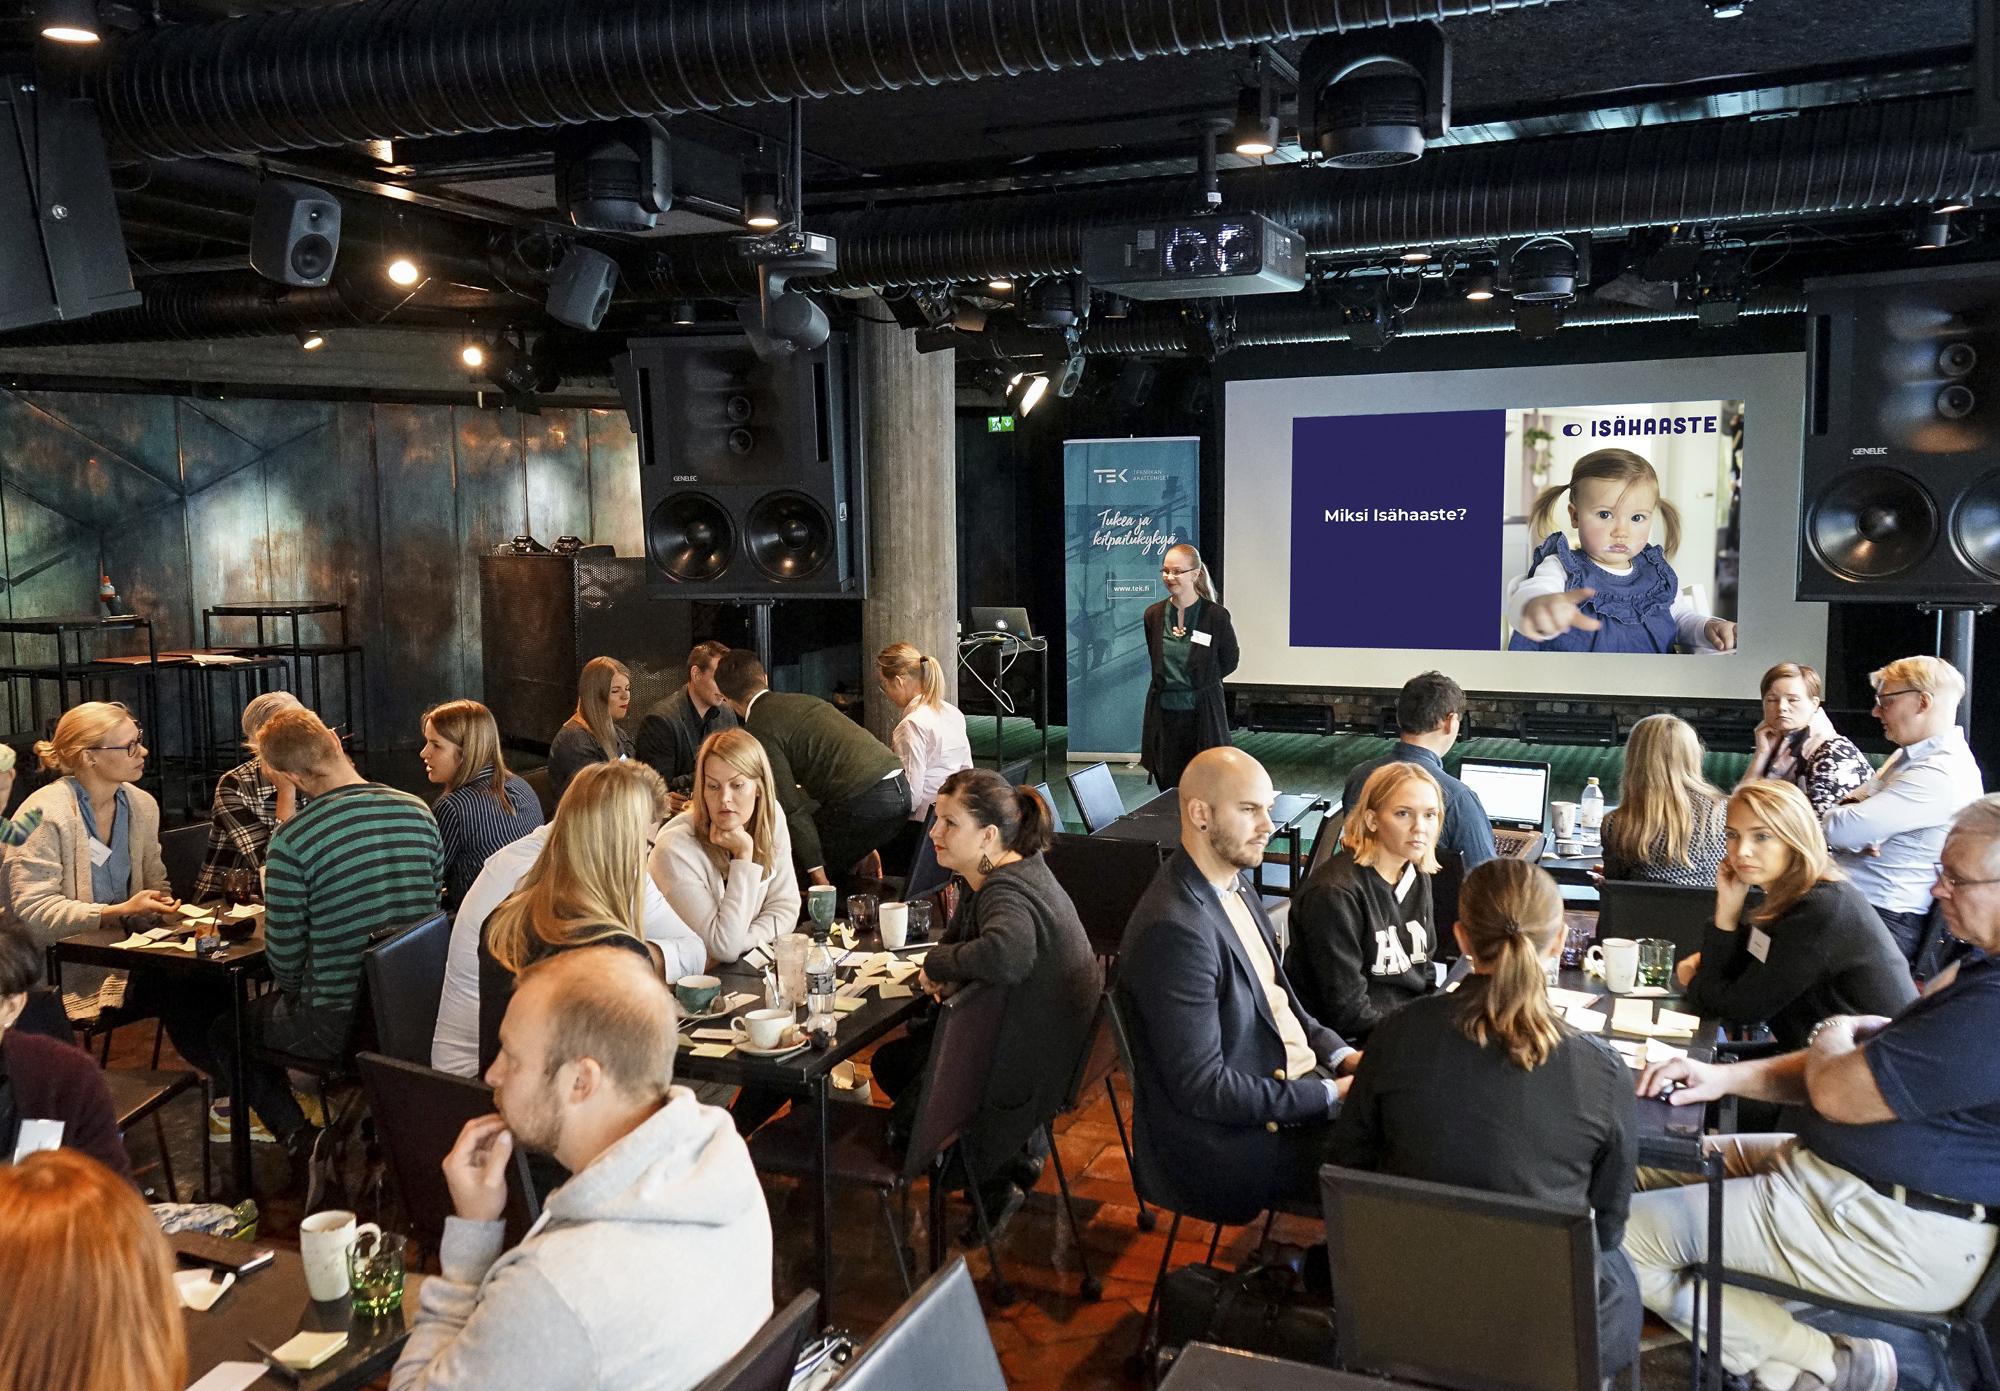 Osana Isähaaste-kampanjaa TEK järjesti syyskuussa esimiehille, HR-ammattilaisille ja henkilöstöedustajille työpajan, jossa annettiin vinkkejä perheystävällisyyden lisäämiseen työelämässä.